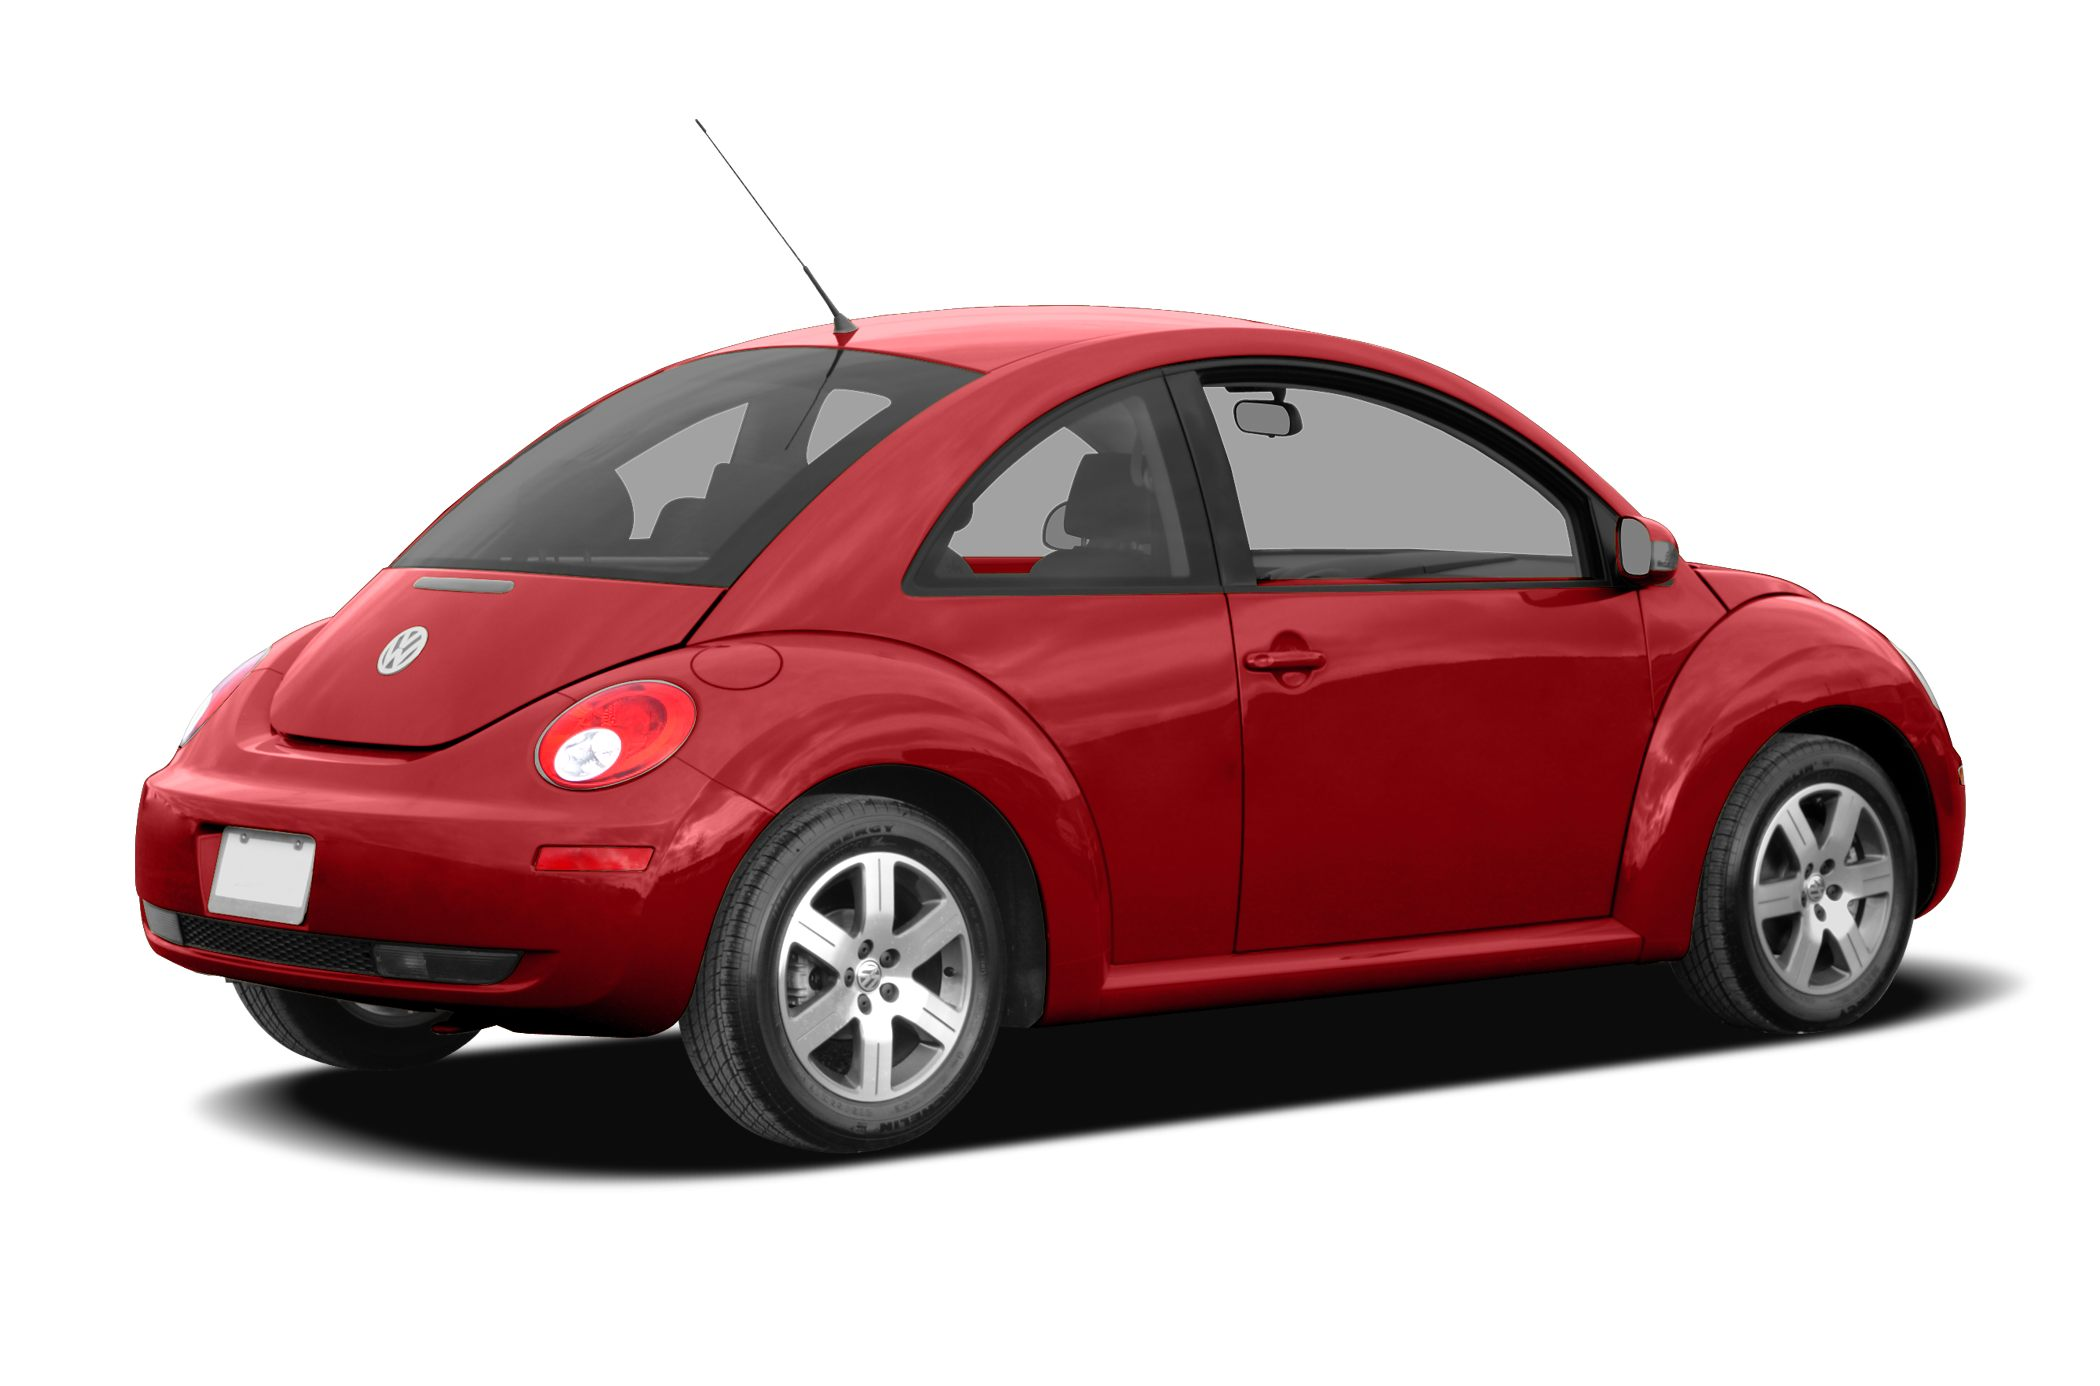 2008 Volkswagen New Beetle S Clean CARFAX Yellow 2008 Volkswagen Beetle S Black Tie Edition FWD 2